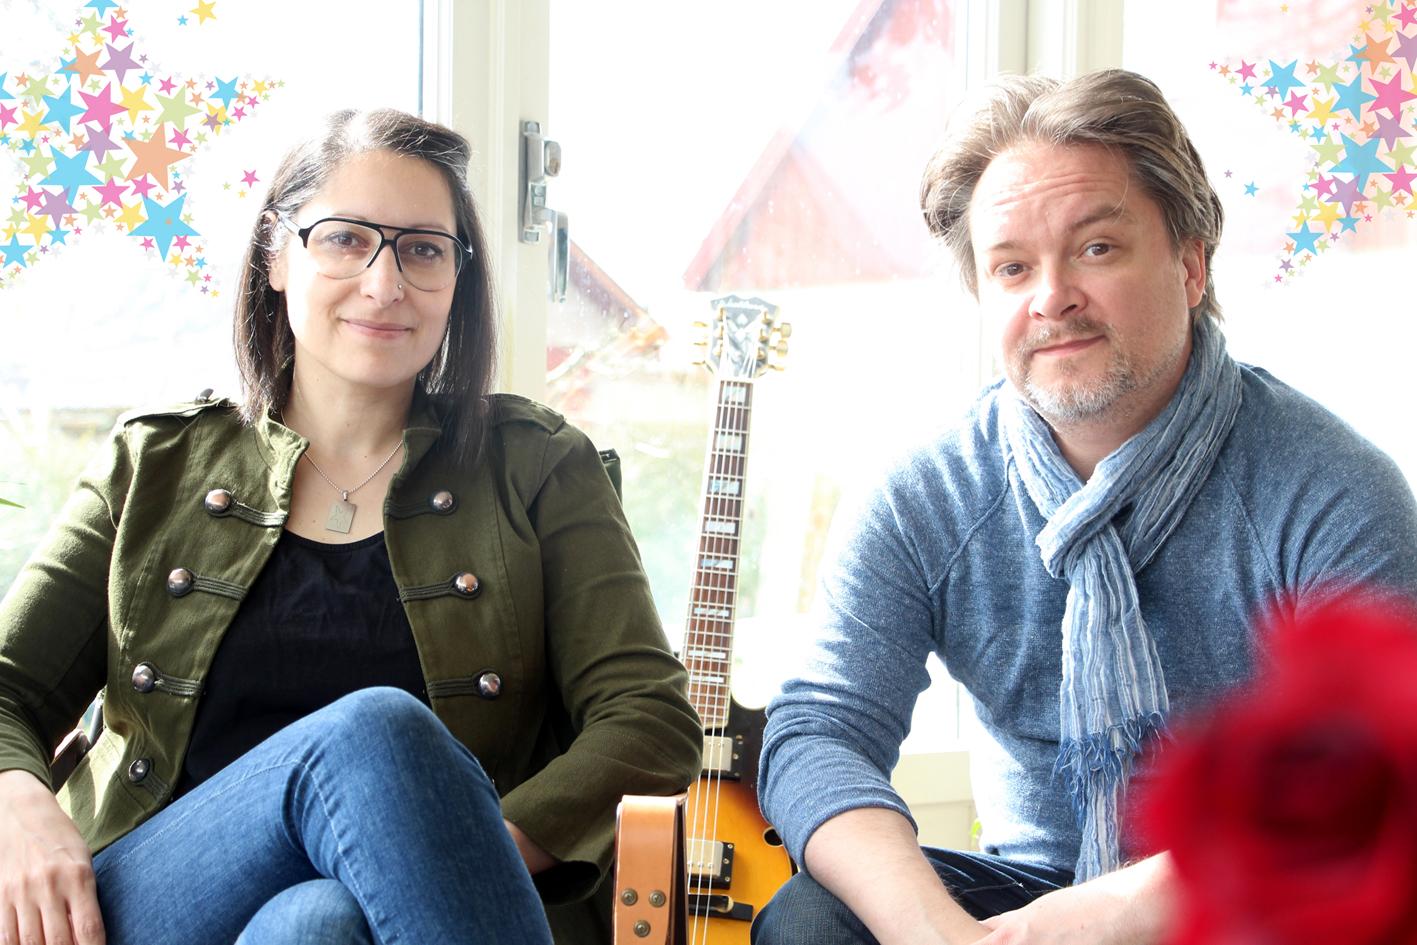 Shirine och Fredrik Stjernfeldt | STJERNFELDTS Begravningsbyrå Trelleborg 0410 - 145 55